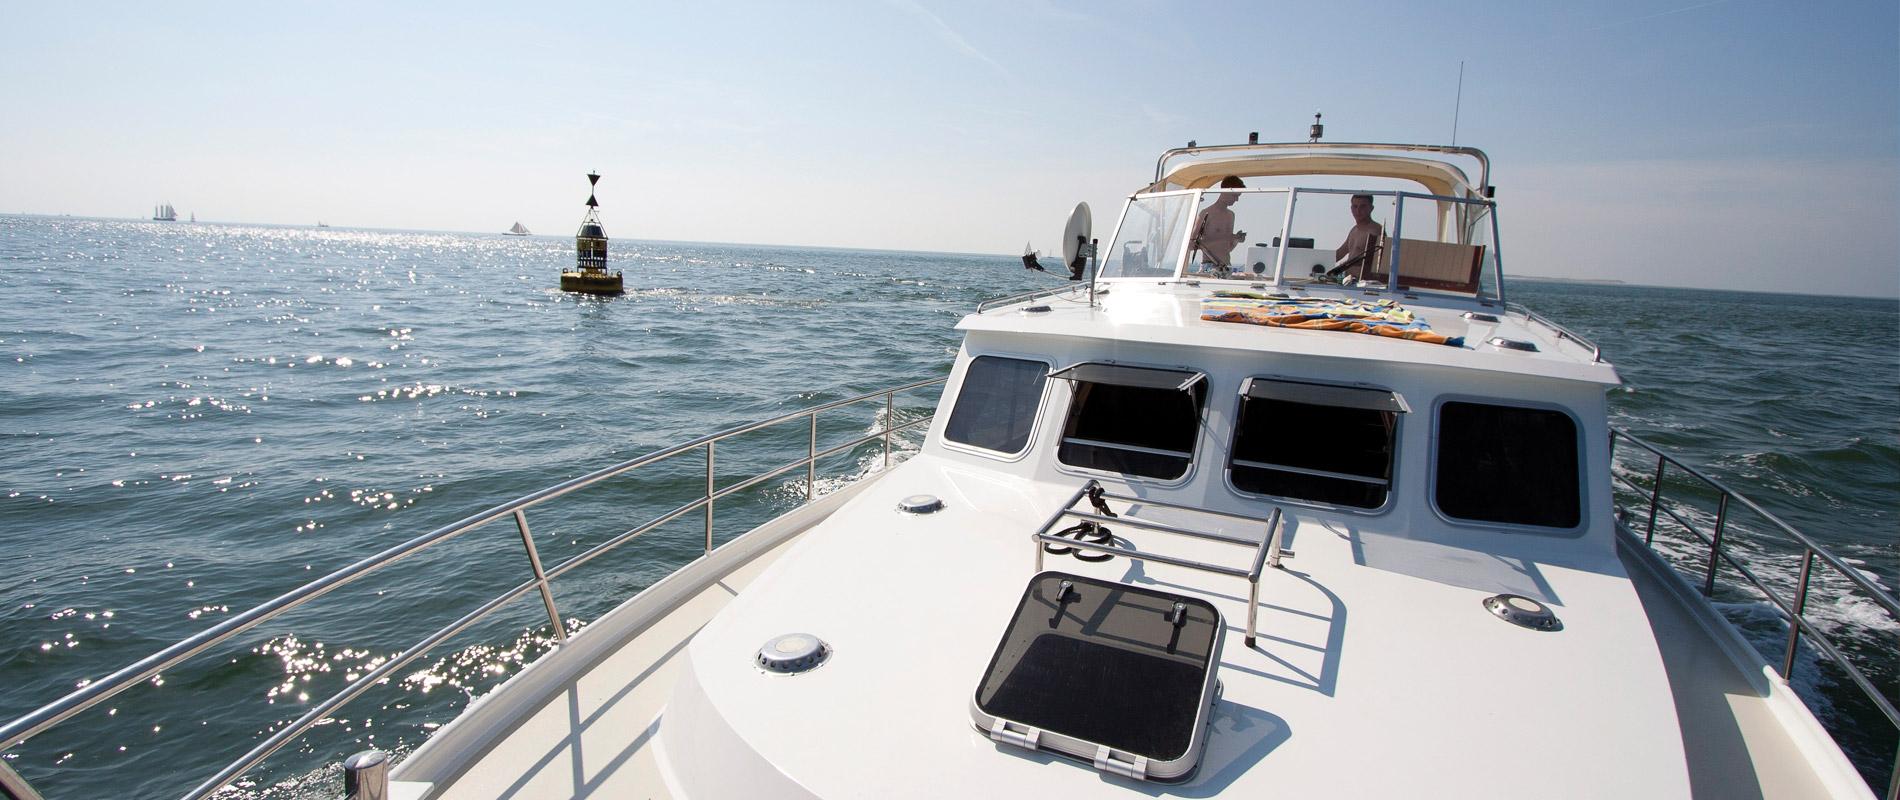 Vaarvakantie - Boot huren - GJS   HW Yachtcharter